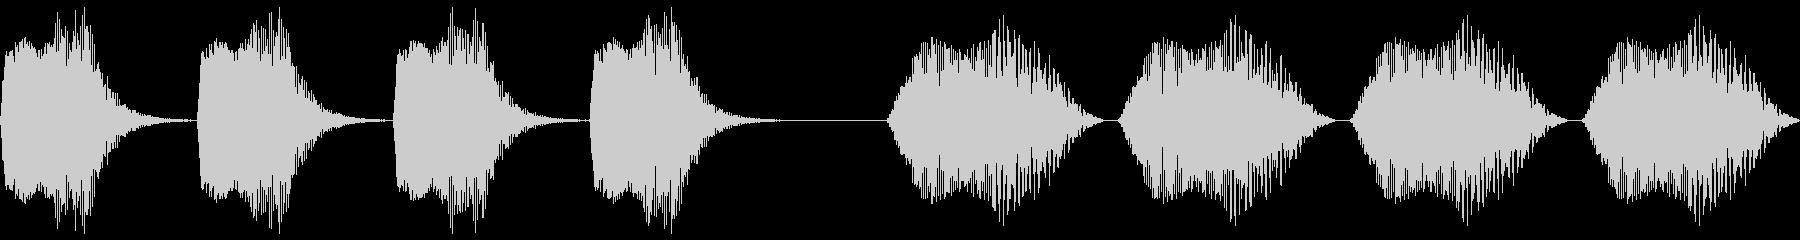 高送信、2バージョン、高、信号。 ...の未再生の波形